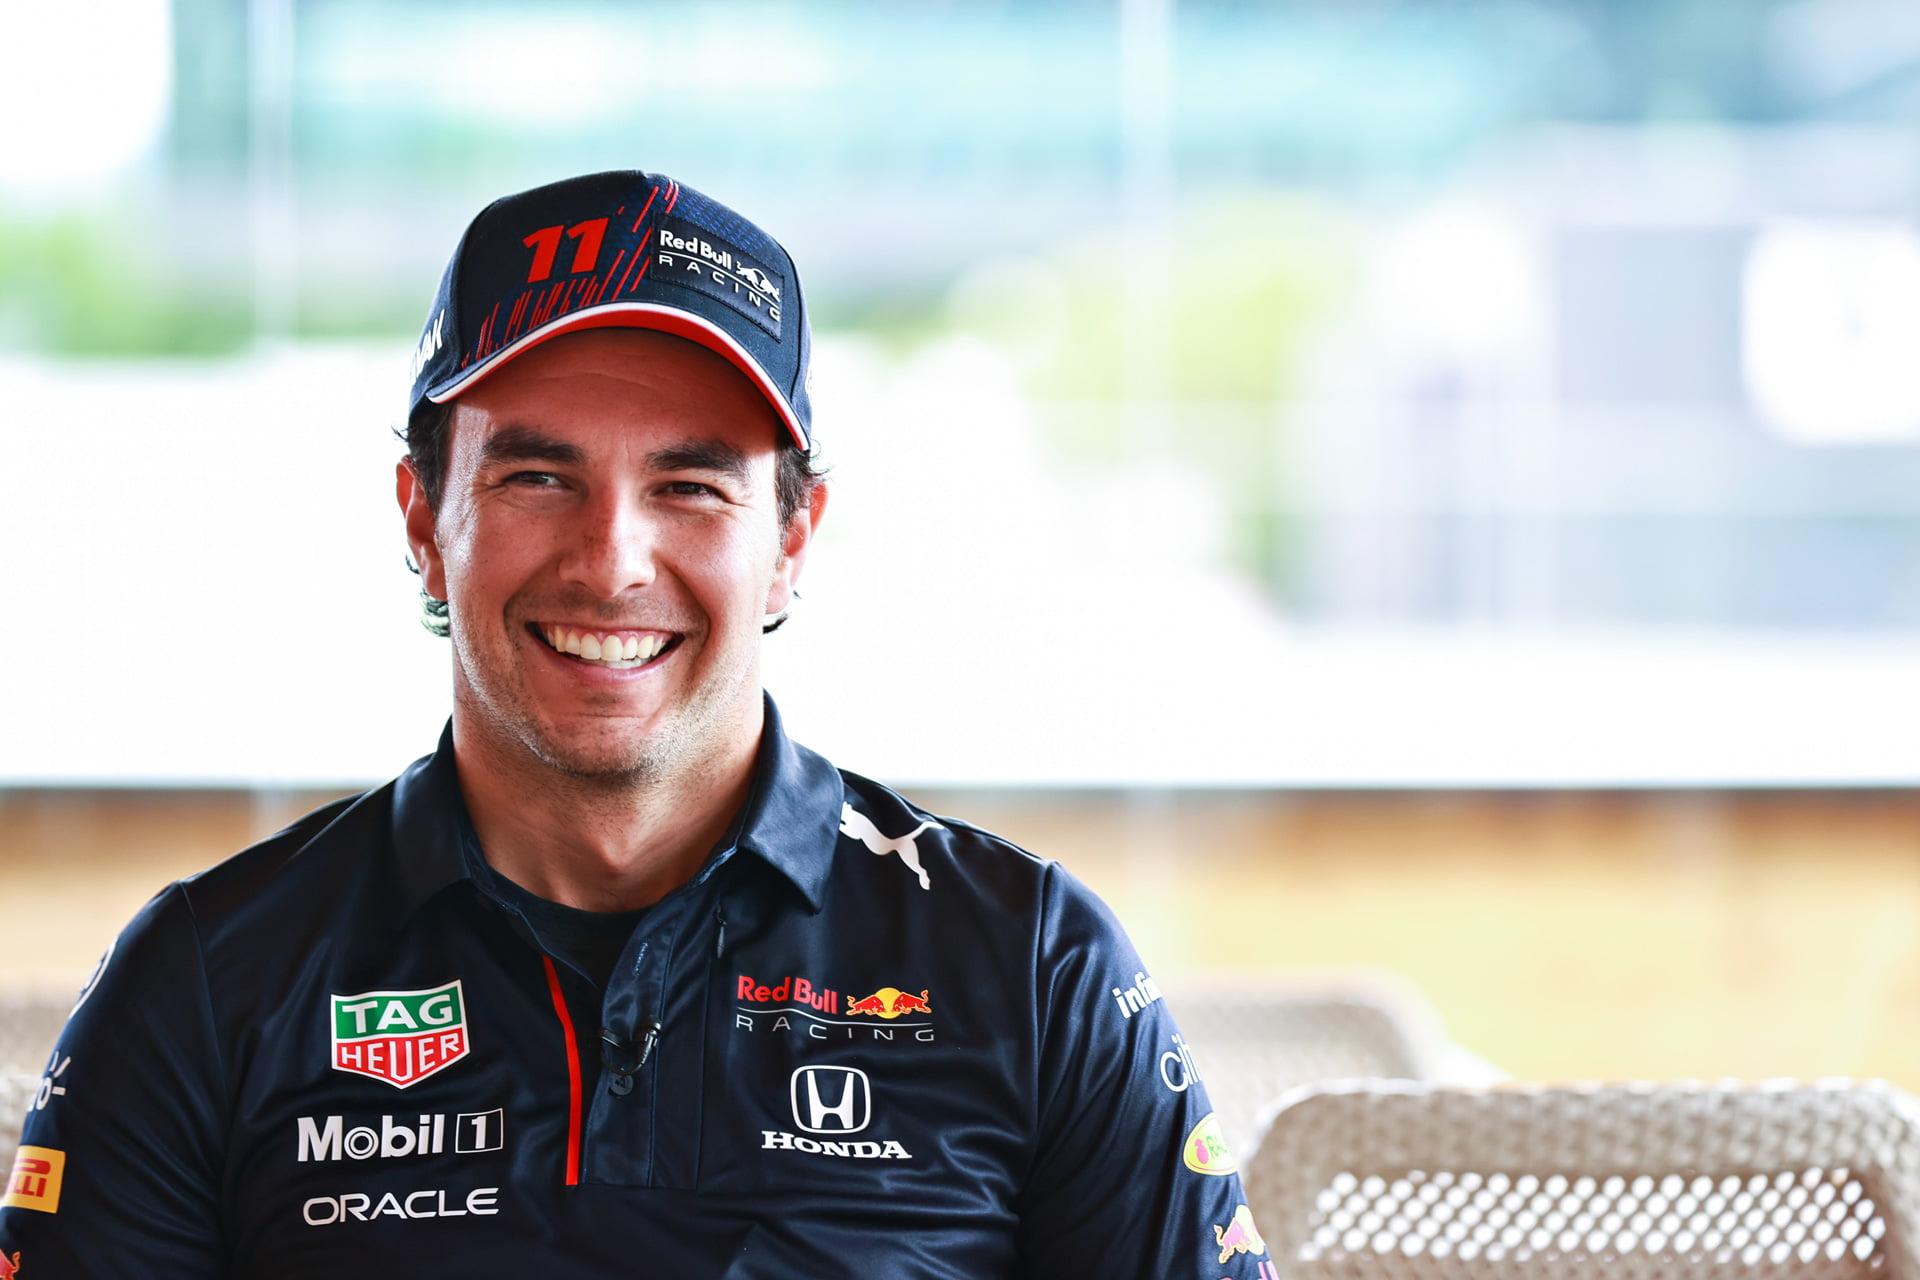 Checo Perez sonríe ante su futuro en la F1 junto a Red Bull Racing